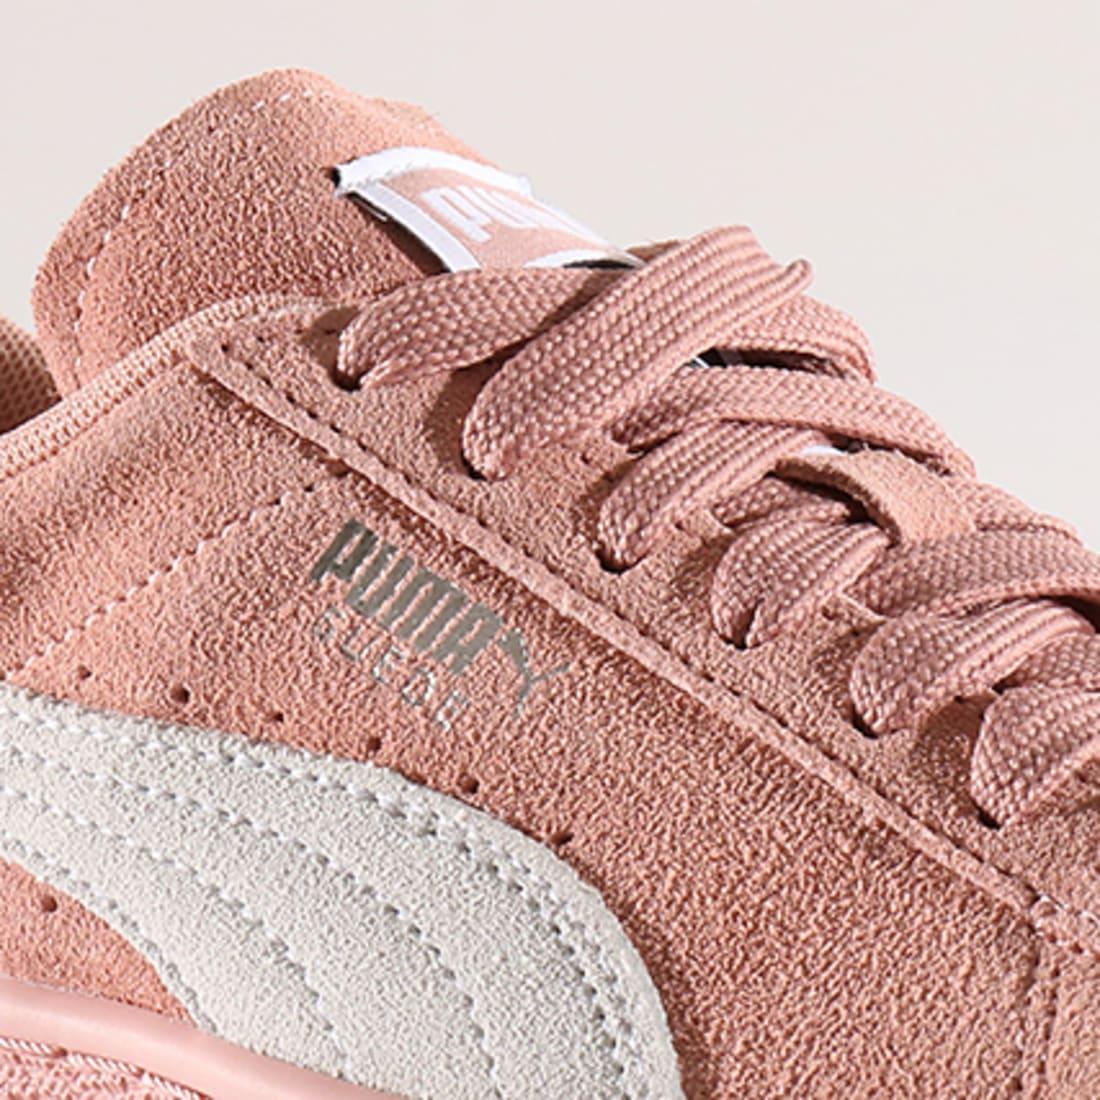 Puma Baskets Femme Suede Classic 355462 67 Peach Beige